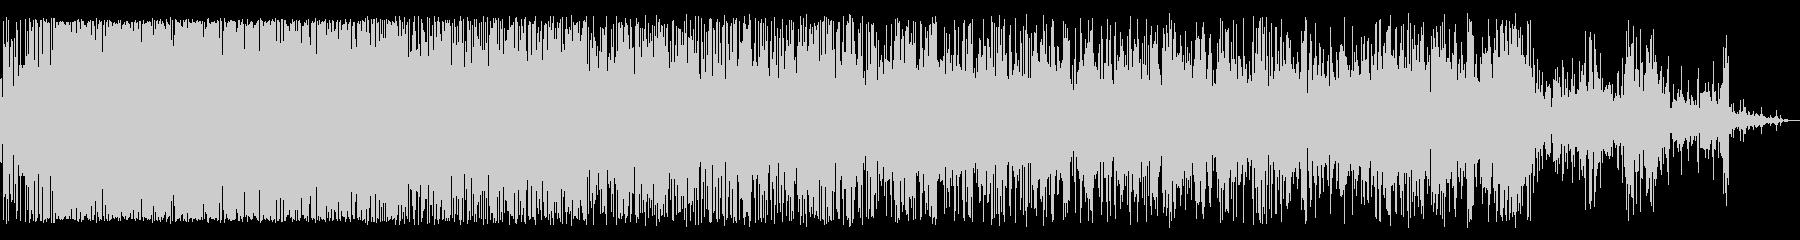 ジュジュジュジュ(鉄板で焼く様な音)の未再生の波形